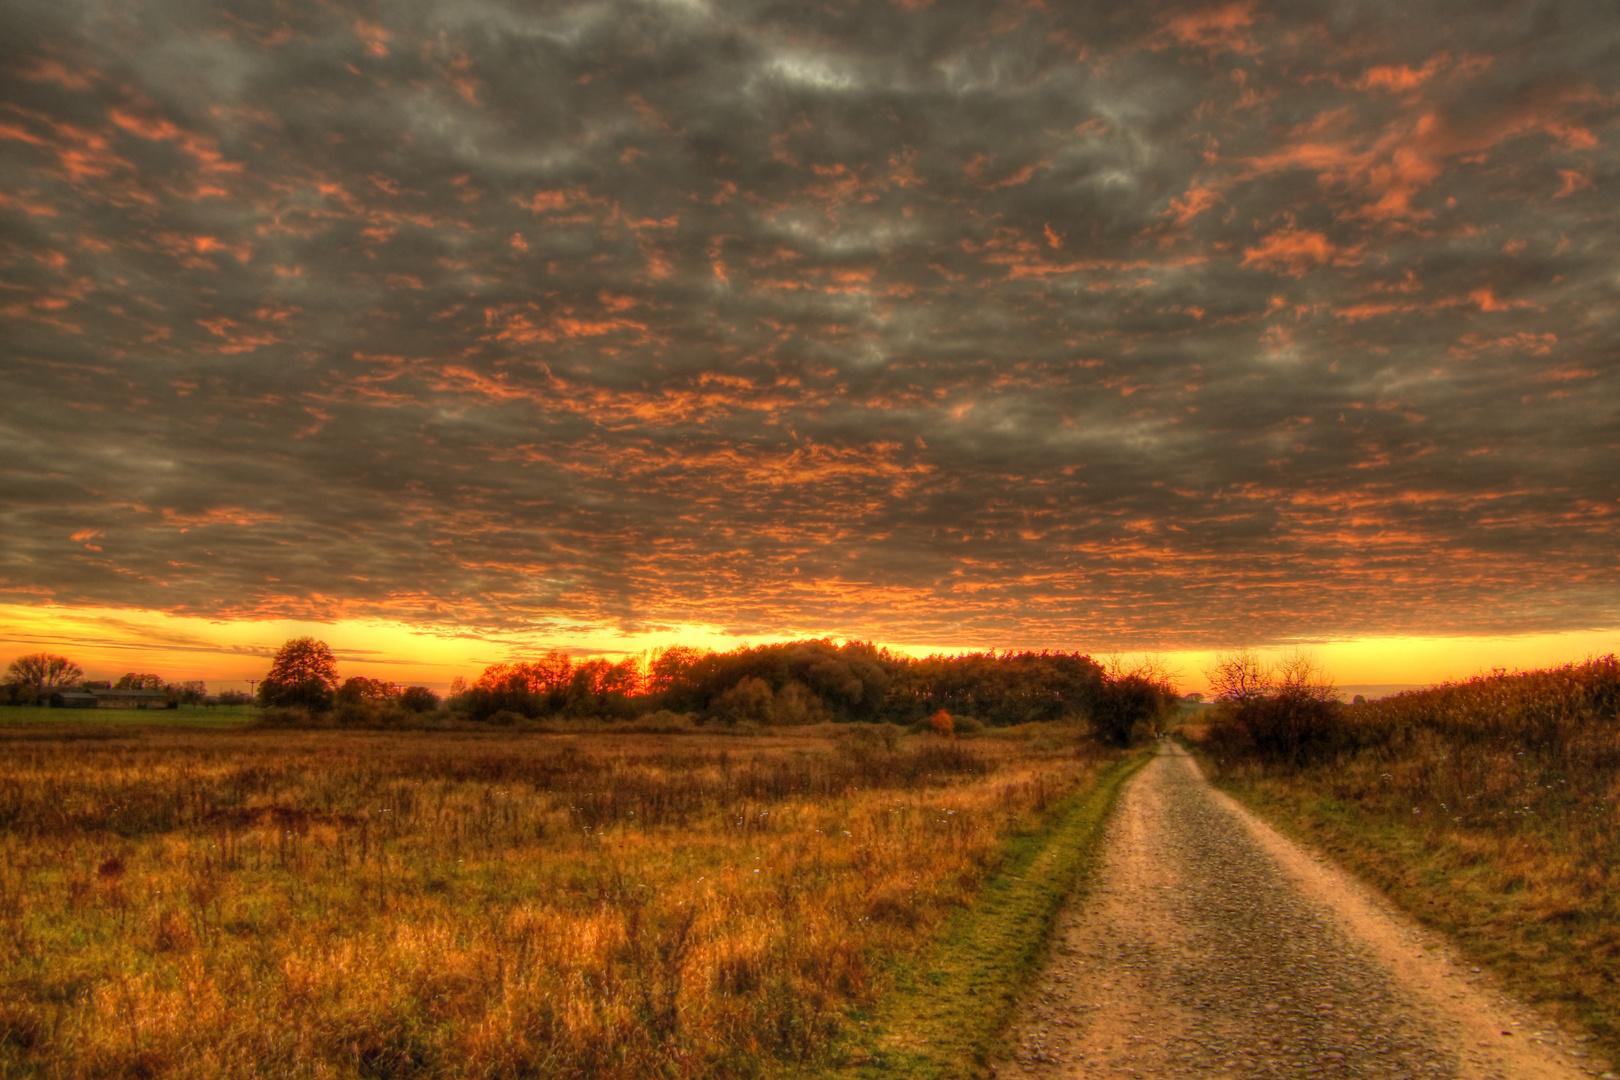 Der Abendweg